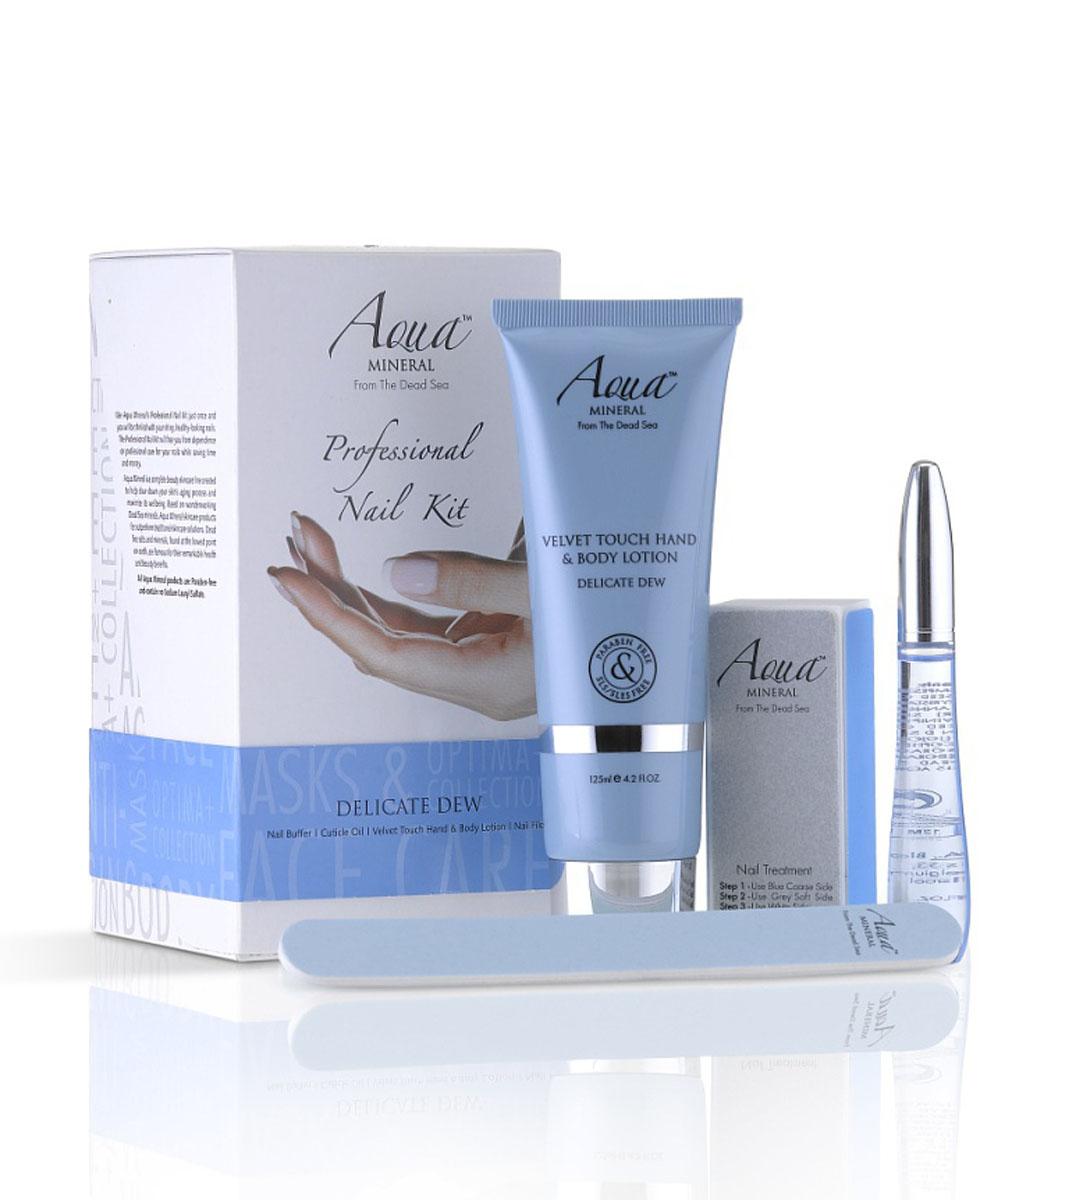 Aqua Mineral Набор для ухода за ногтями Нежная роса, маленький2529Впечатляющая комбо-упаковка, включающая в себя все, что требуется для основательного и качественного ухода за ногтями.